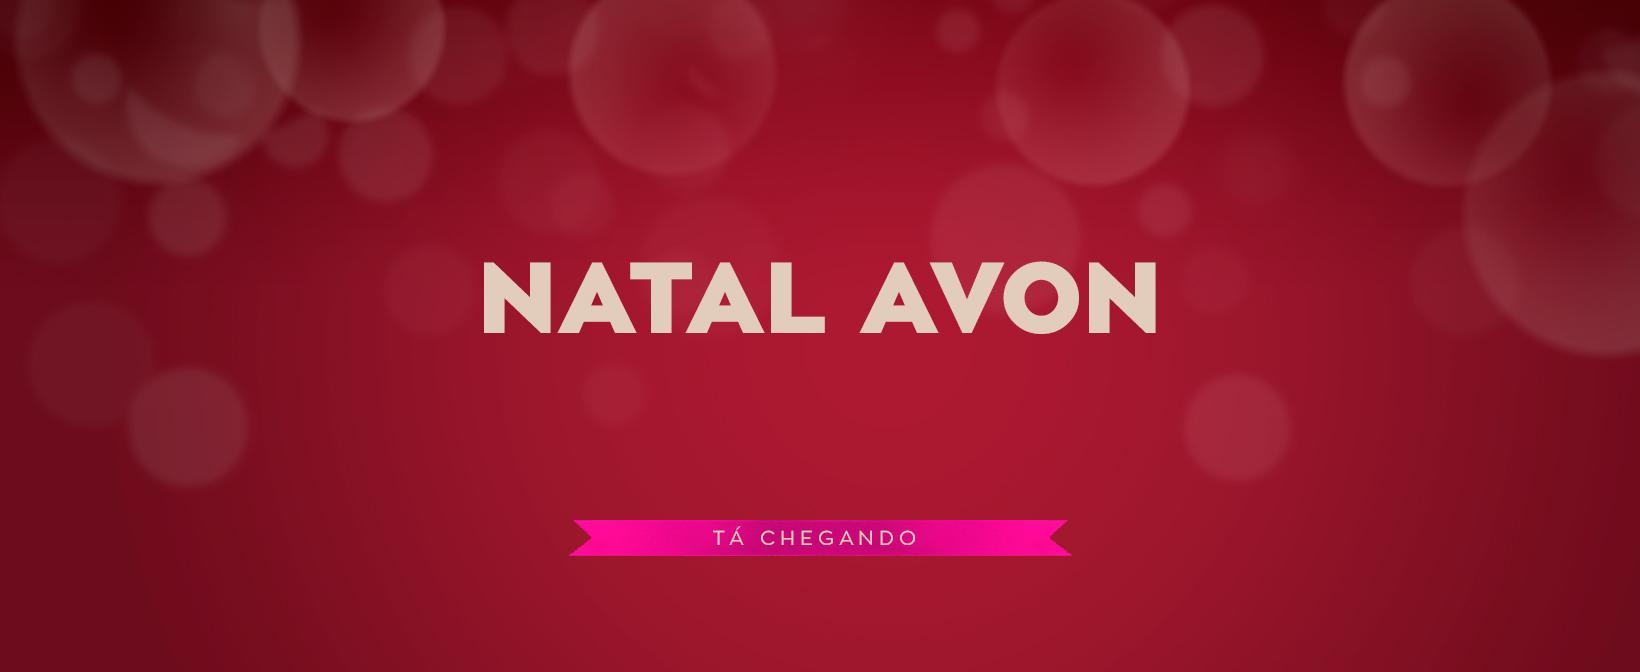 Confira as principais promoções de Presente de Natal na Avon